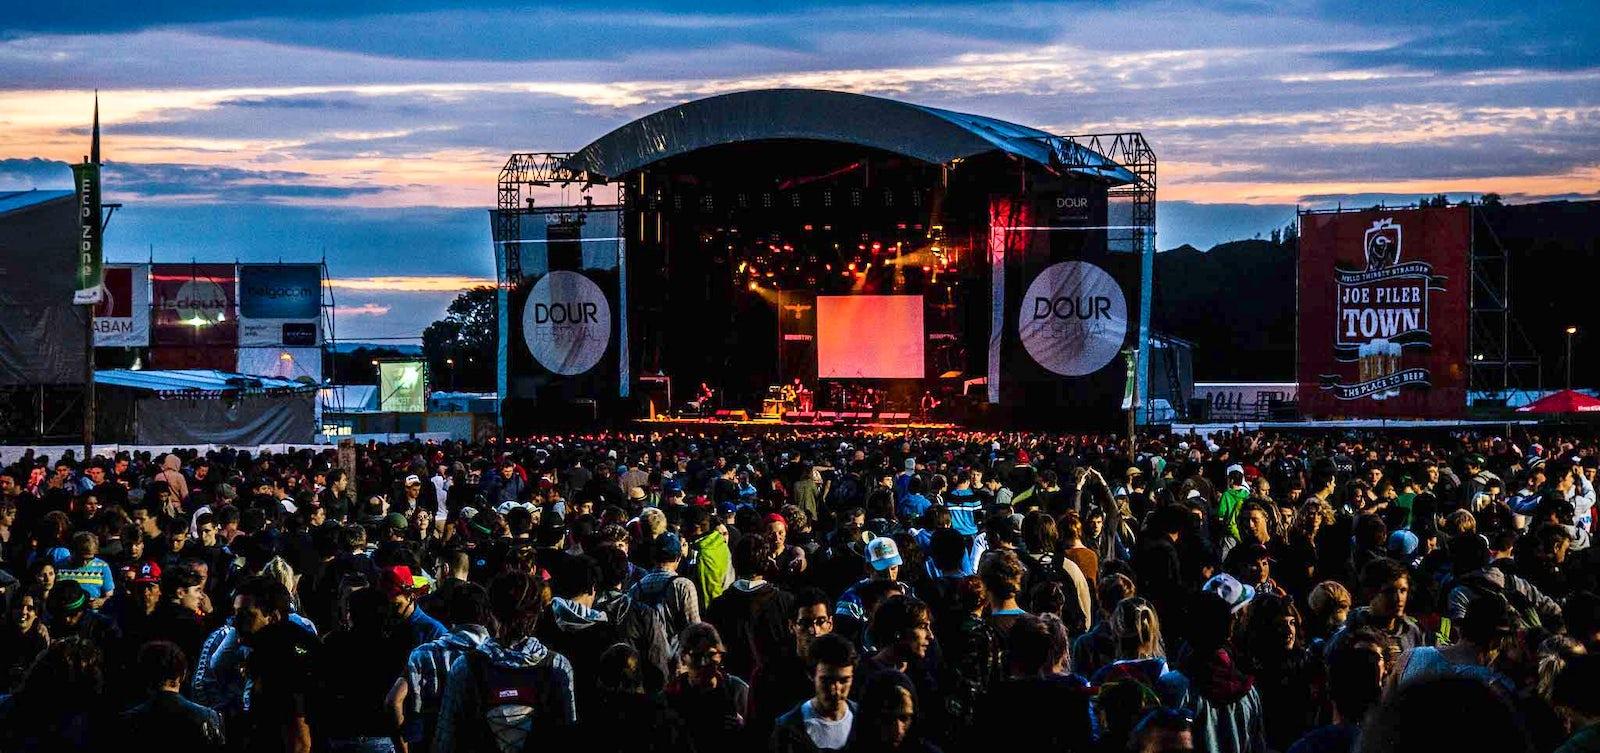 Rock festival greece stoner Music